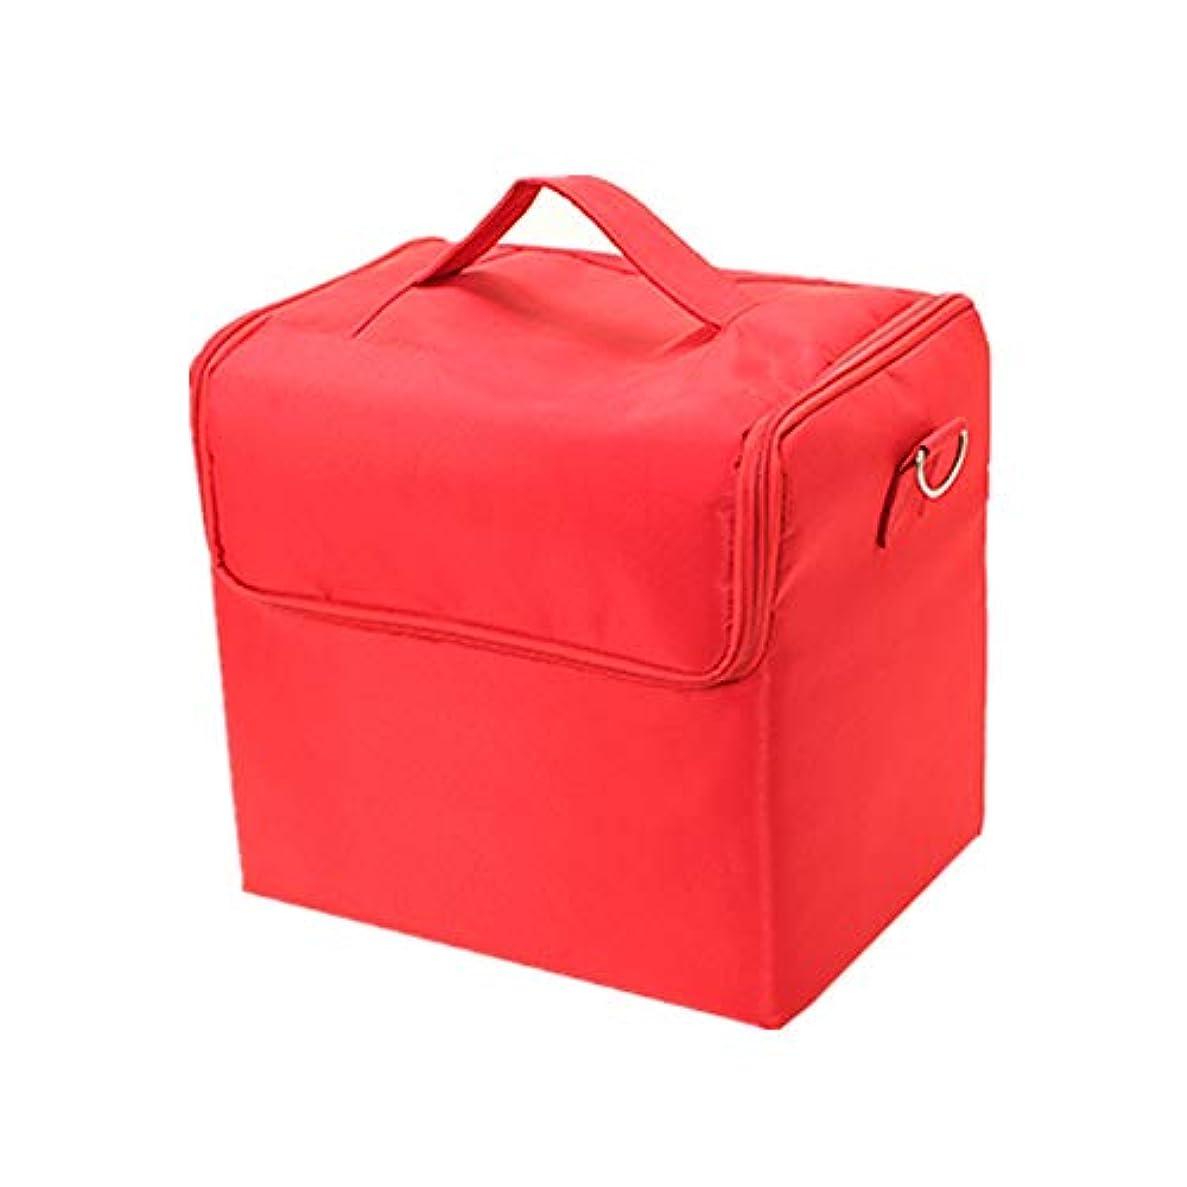 抗生物質たくさんの中性化粧オーガナイザーバッグ 純粋な色のカジュアルポータ??ブル化粧品バッグ美容メイクアップとトラベルで旅行 化粧品ケース